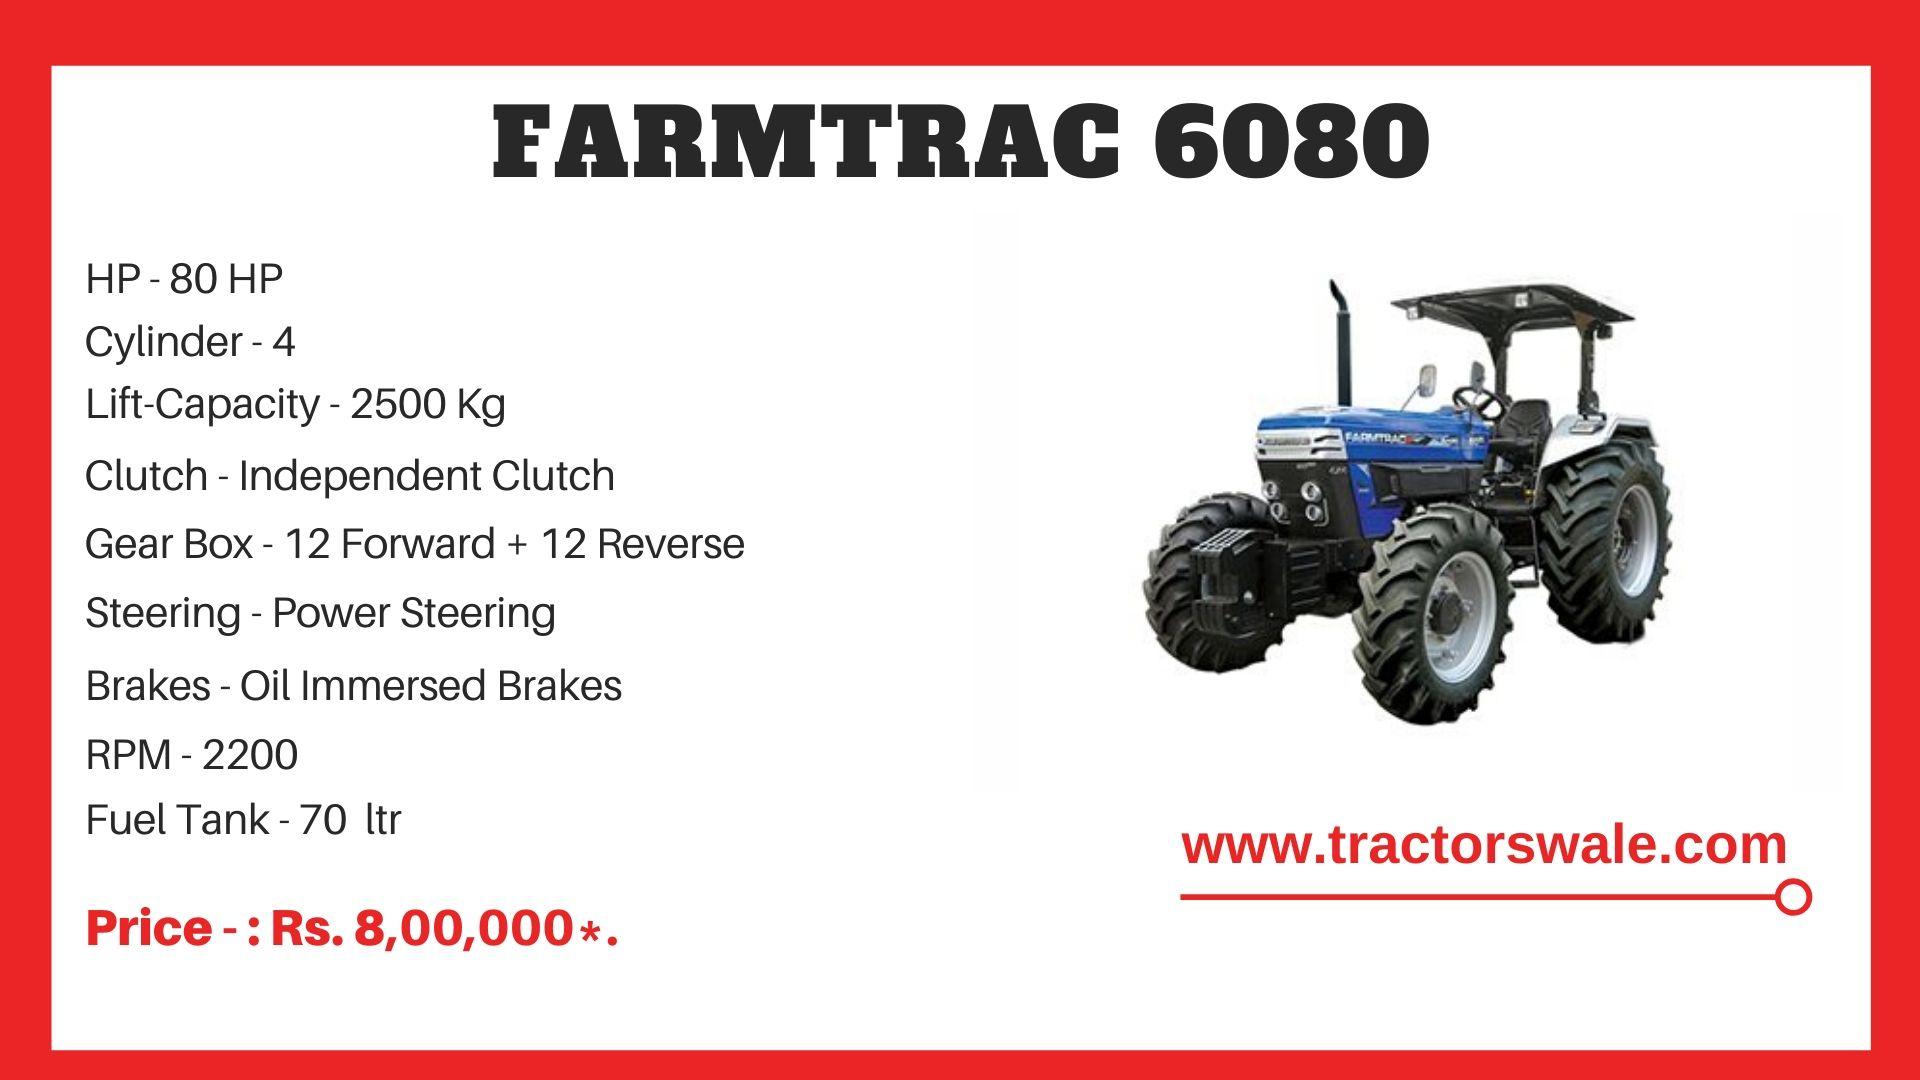 Farmtrac 6080 tractor Price